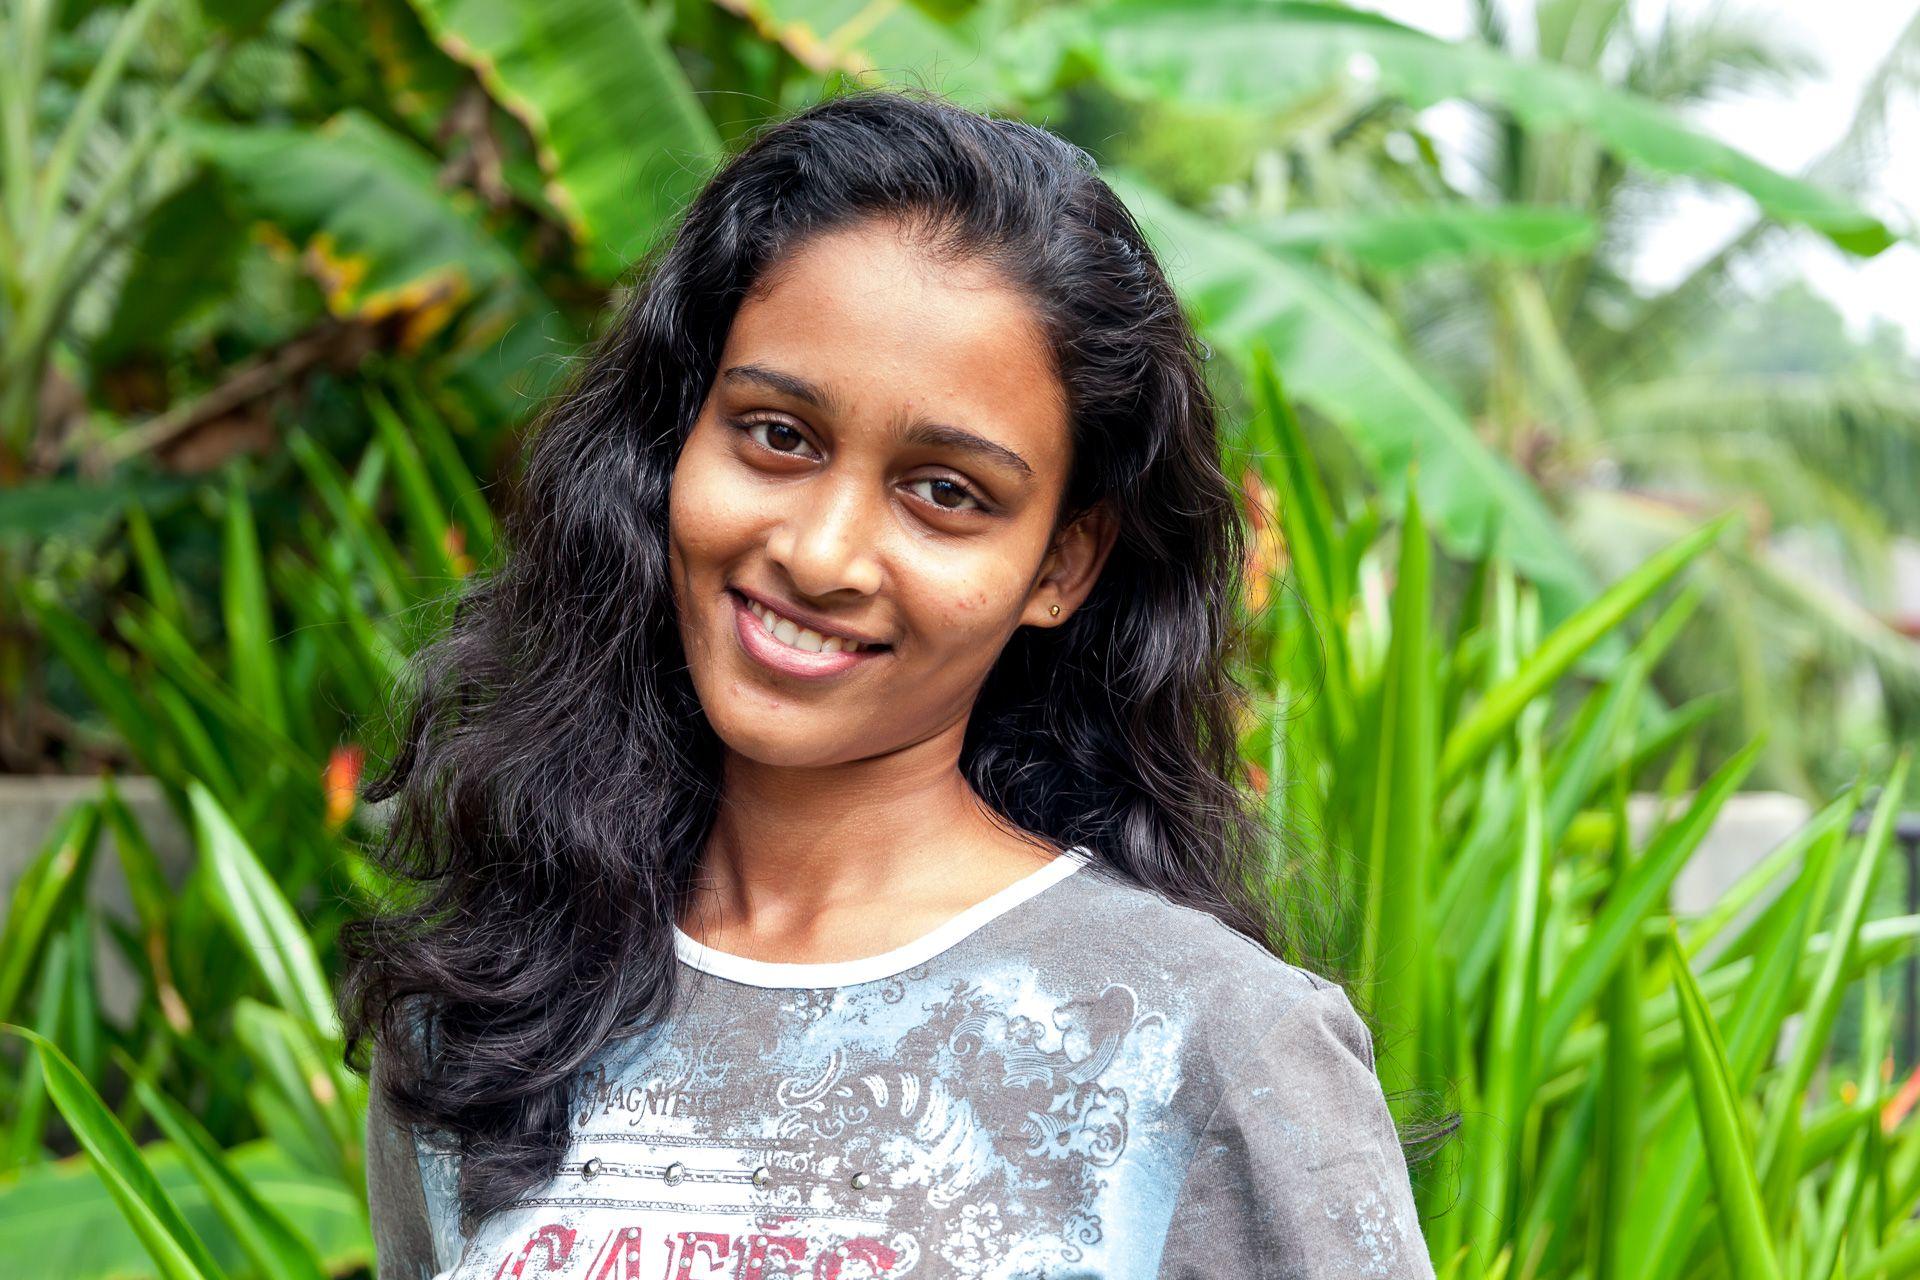 Шри-Ланка, интервью с жителем Шри-Ланки, сингальская девушка